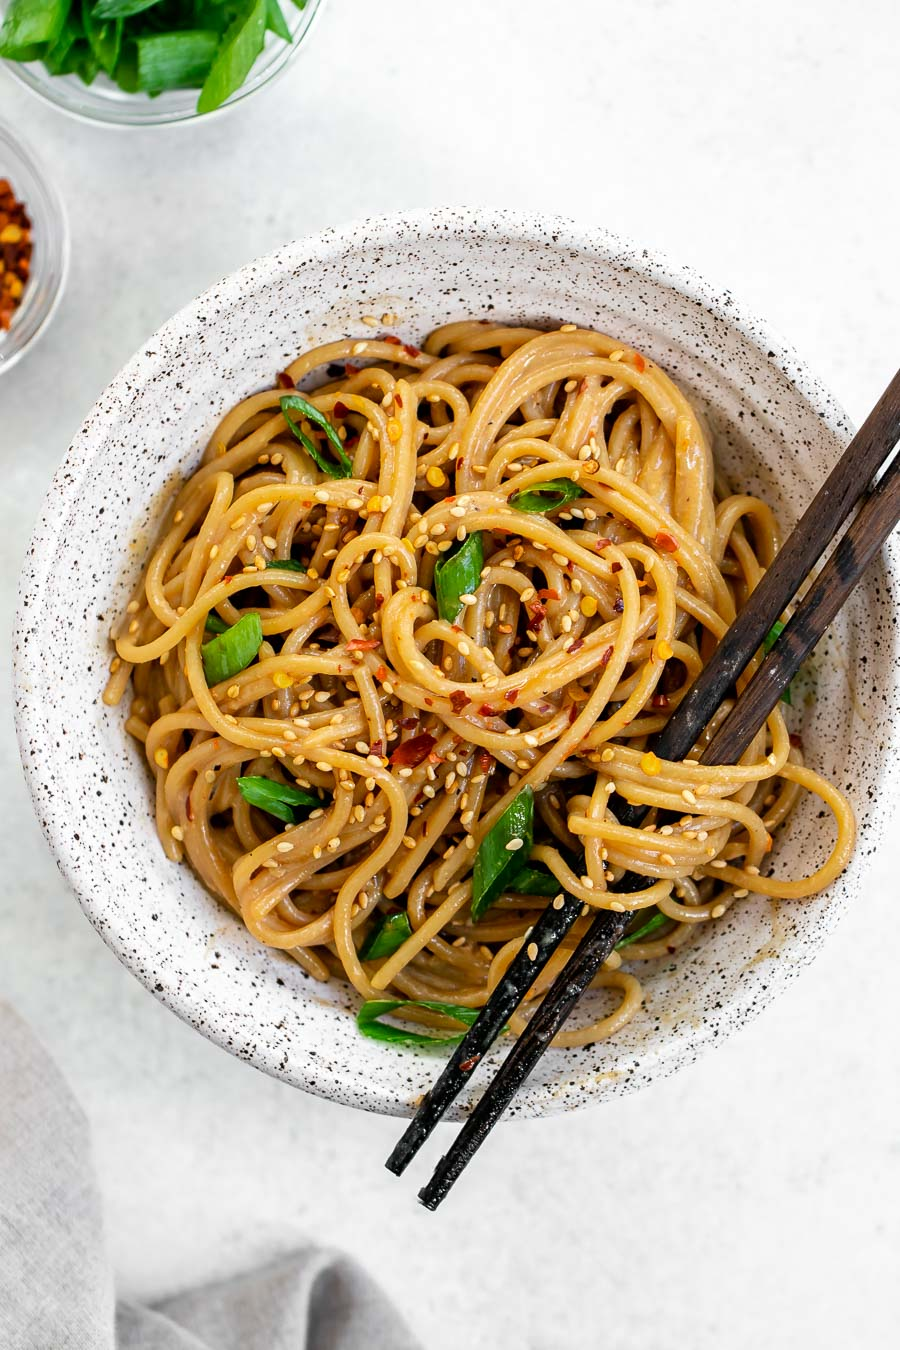 15 Minute Garlic Sesame Noodles